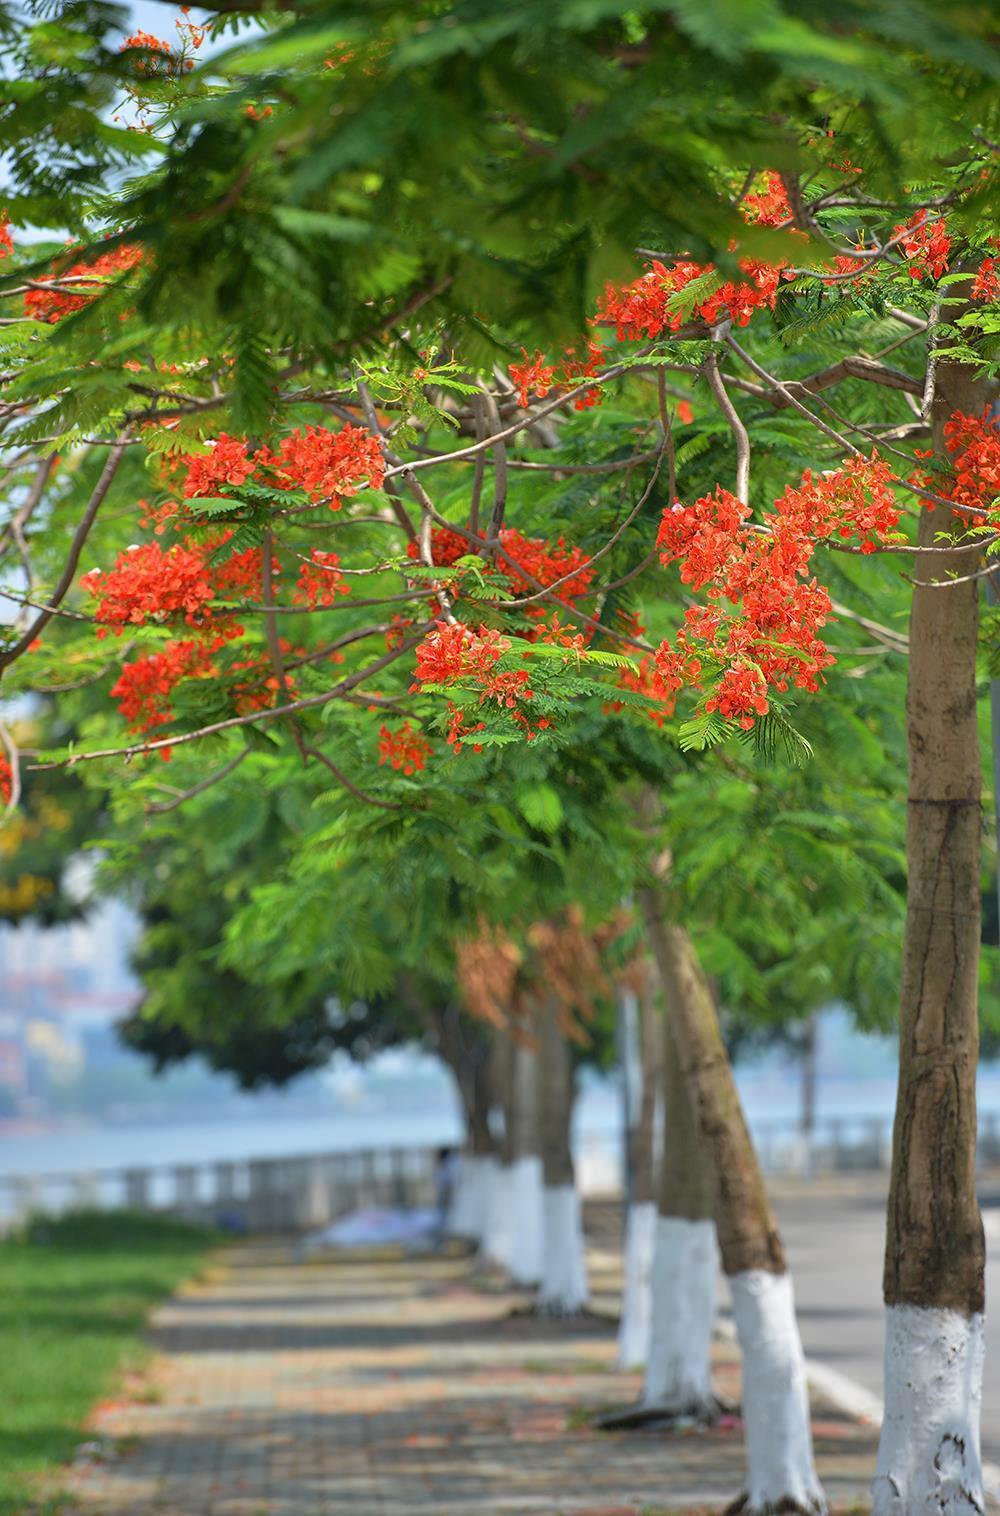 Hà Nội rực rỡ trong những sắc hoa mùa hè Ảnh 28